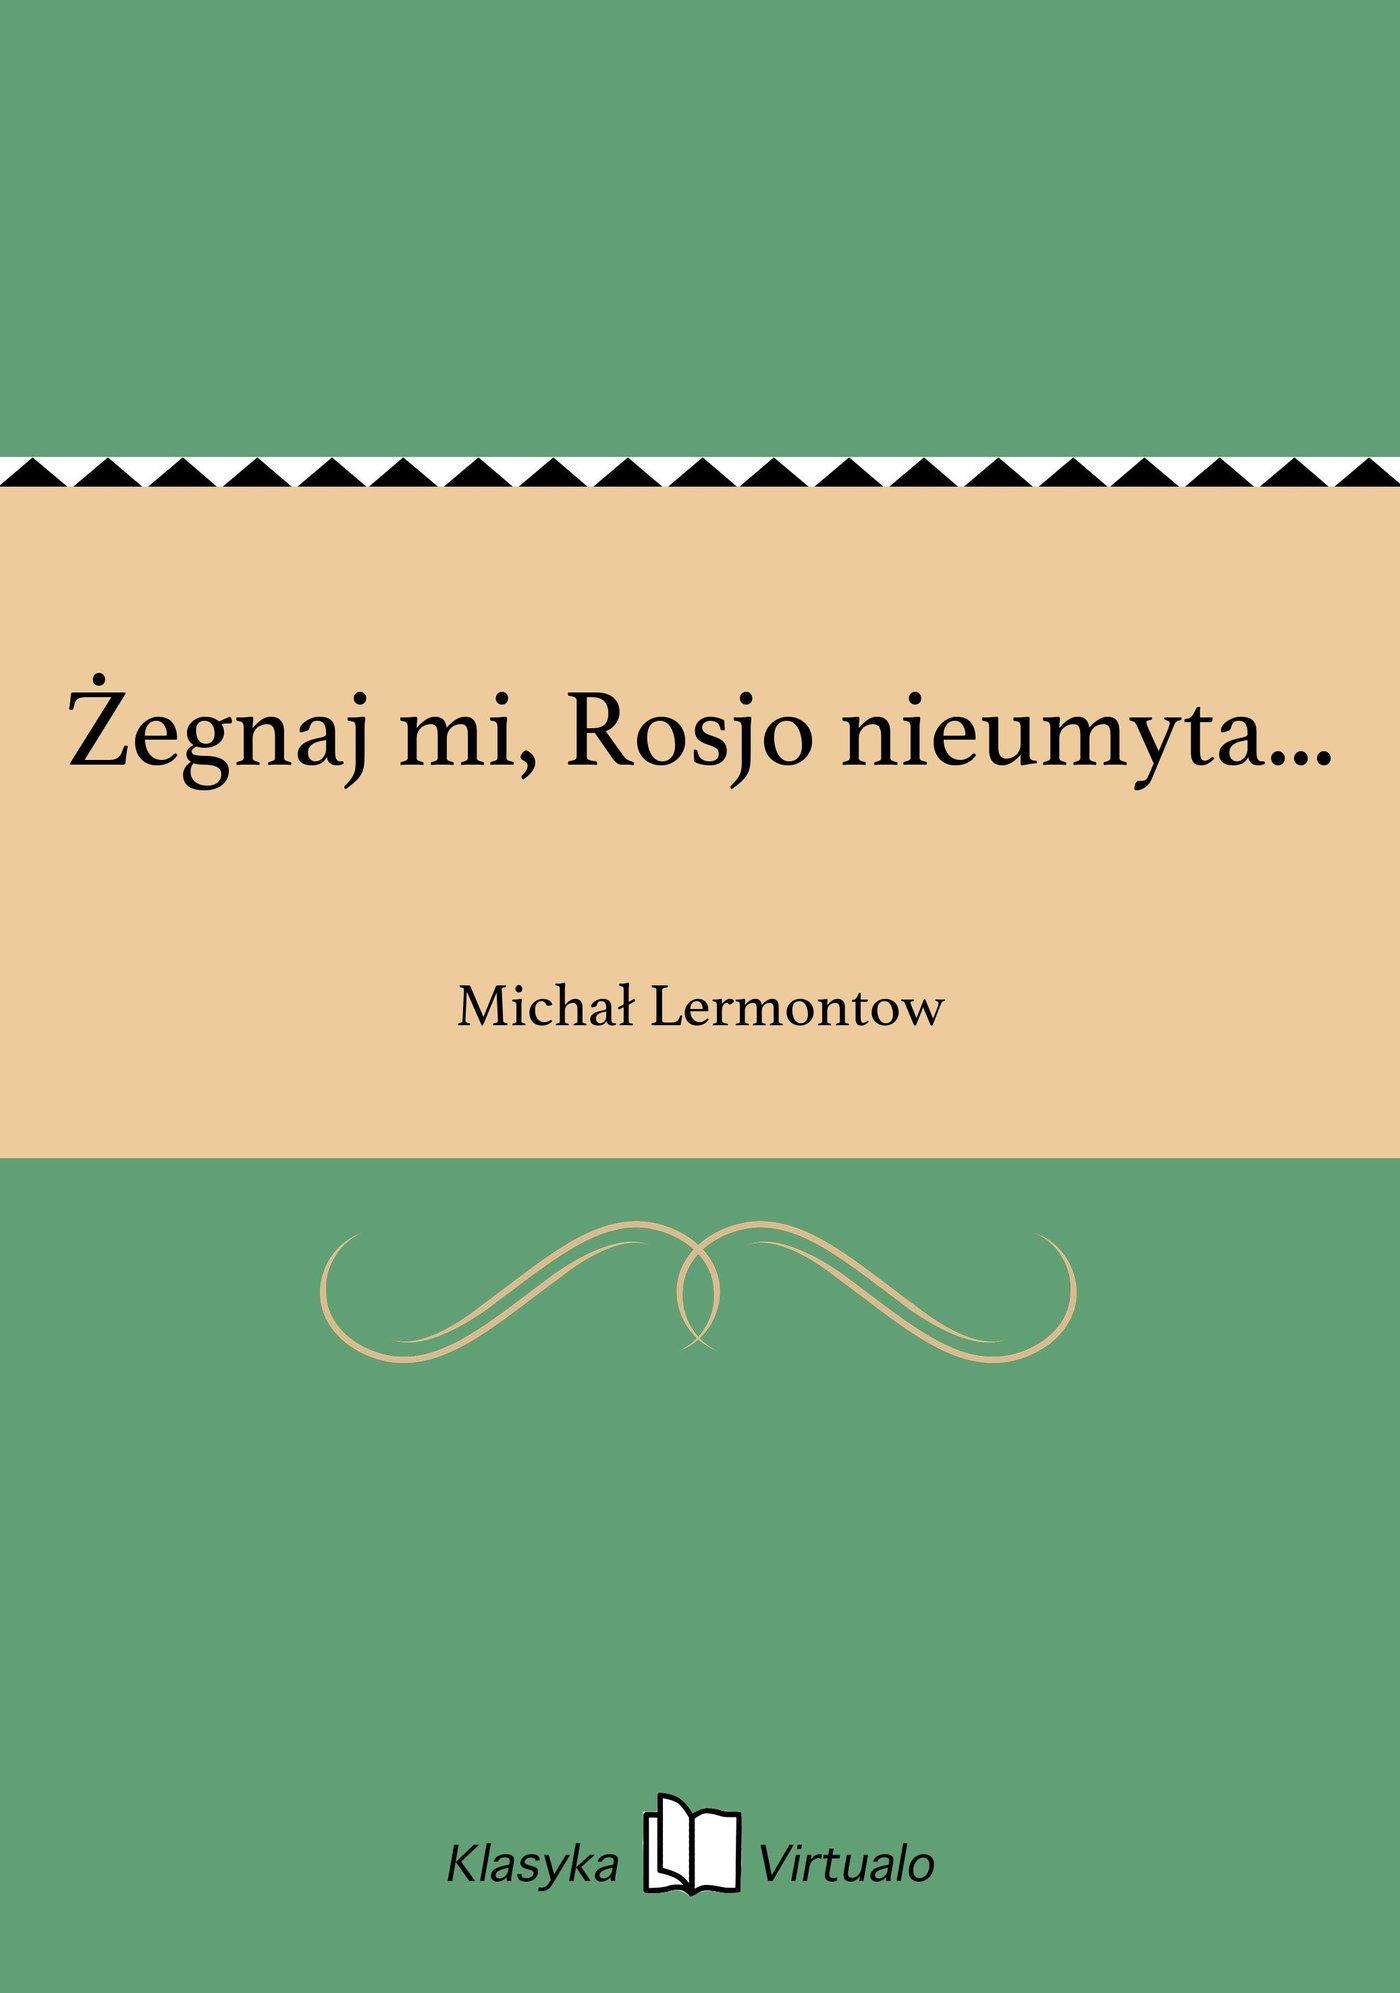 Żegnaj mi, Rosjo nieumyta... - Ebook (Książka na Kindle) do pobrania w formacie MOBI